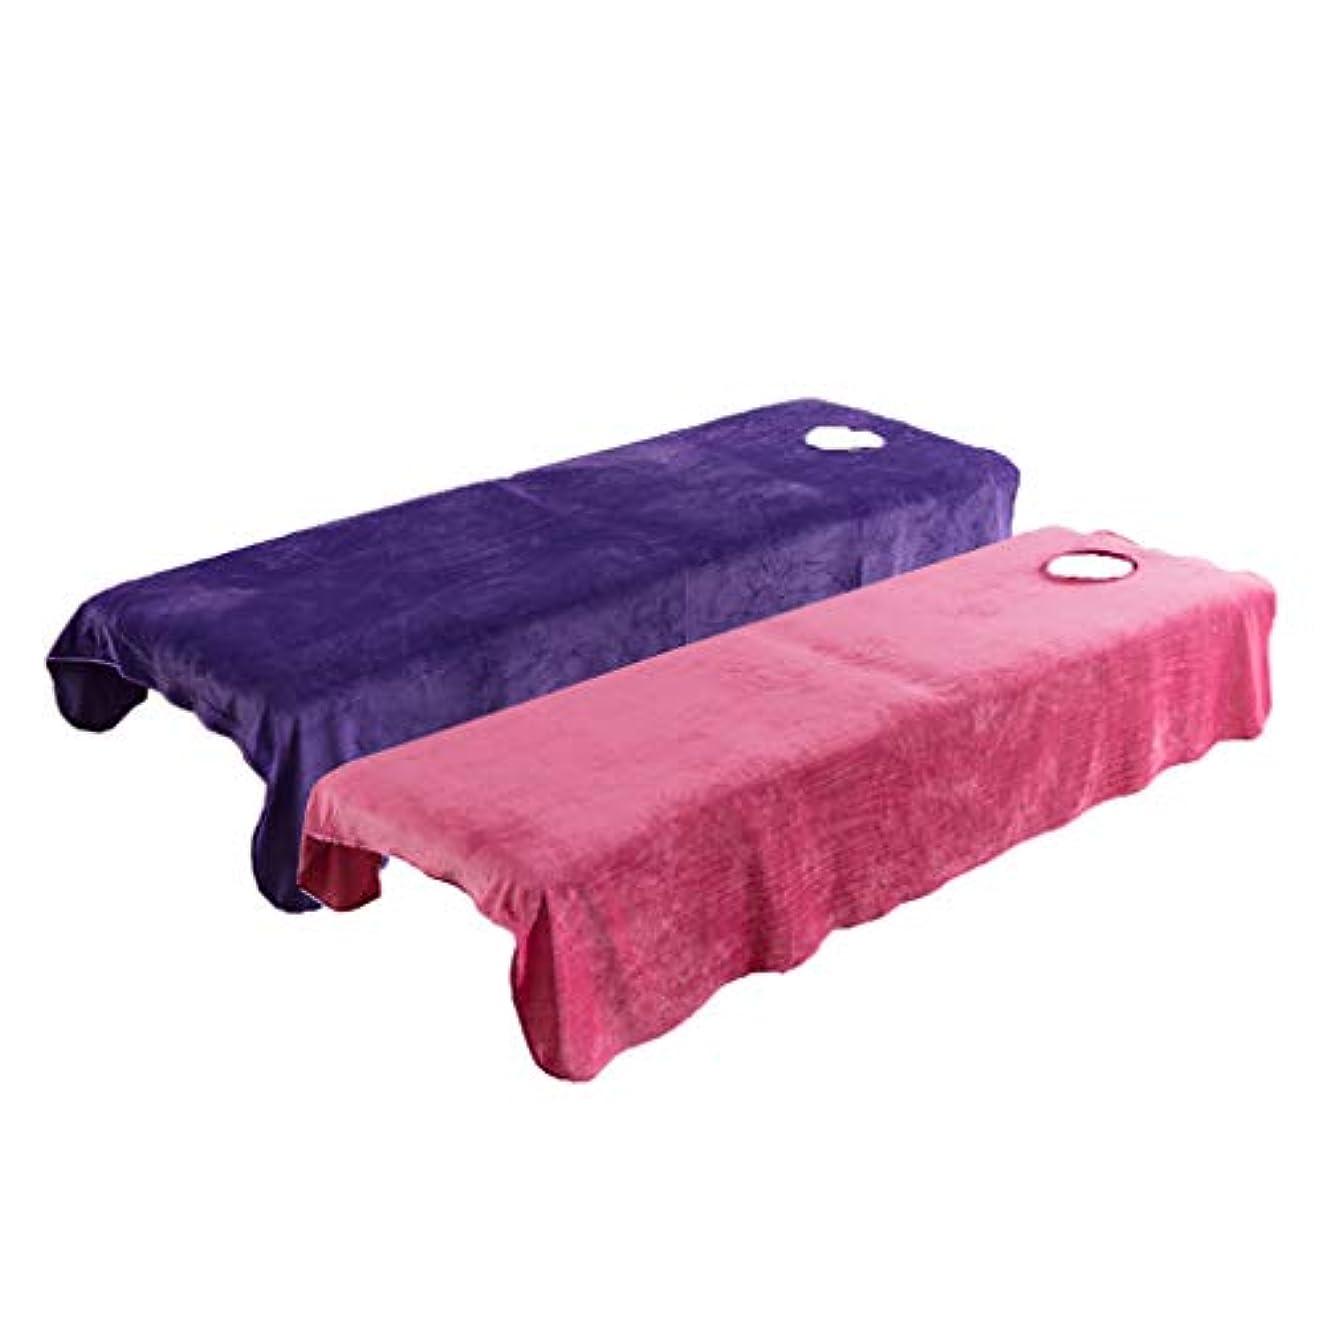 エキス迷彩ブラインドPETSOLA 有孔 スパ マッサージベッドカバー 2枚入り 美容ベッドカバー マッサージ台シーツ ピンク&パープル